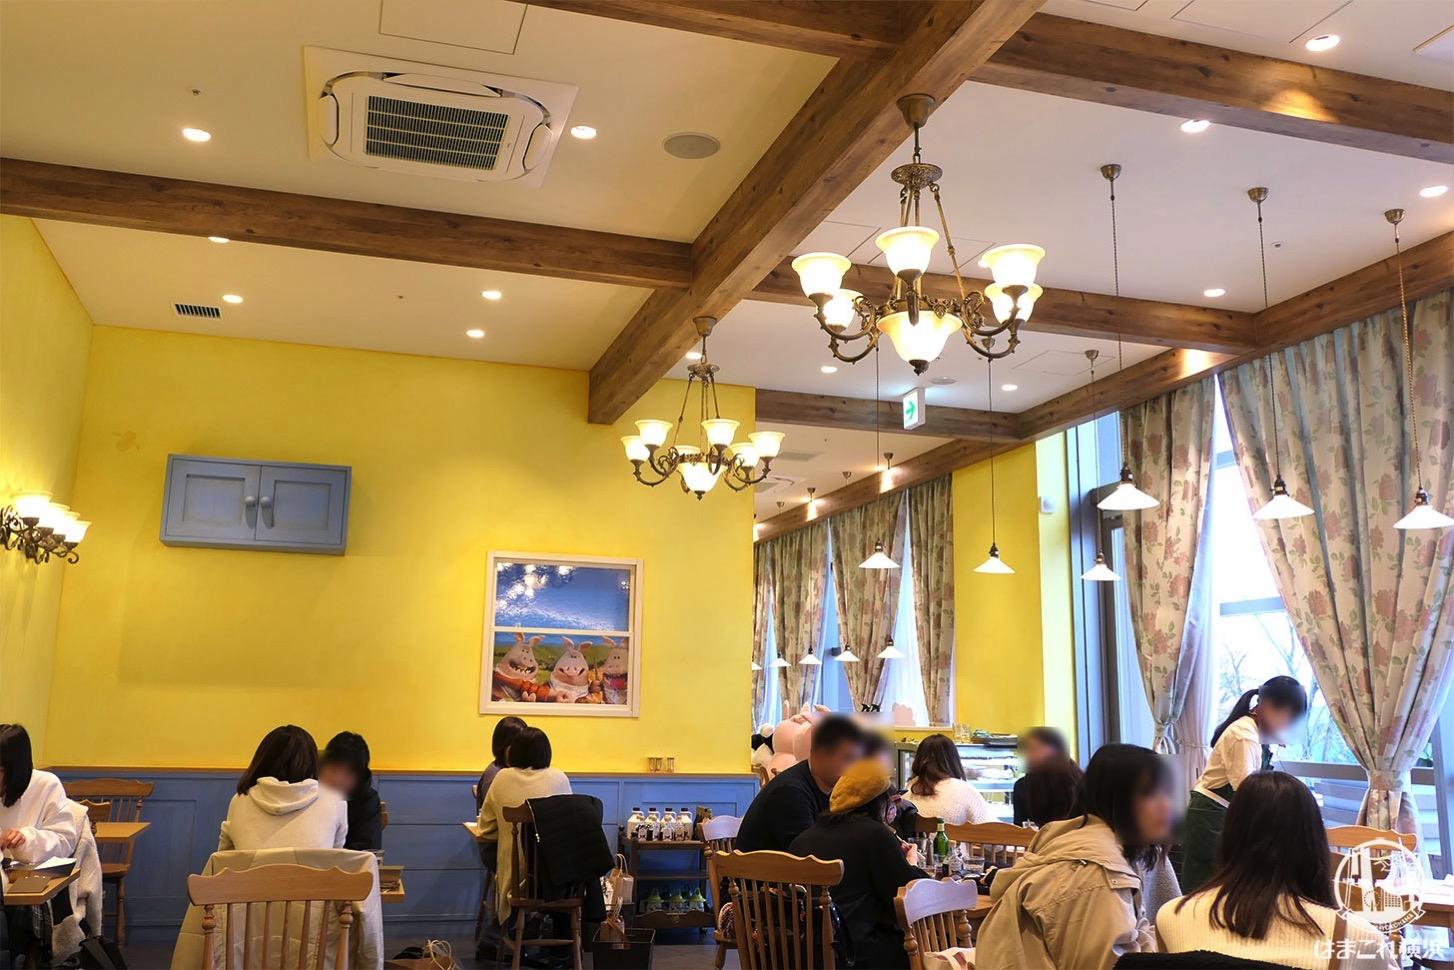 ひつじのショーンビレッジ ショップ&カフェ カフェ店内